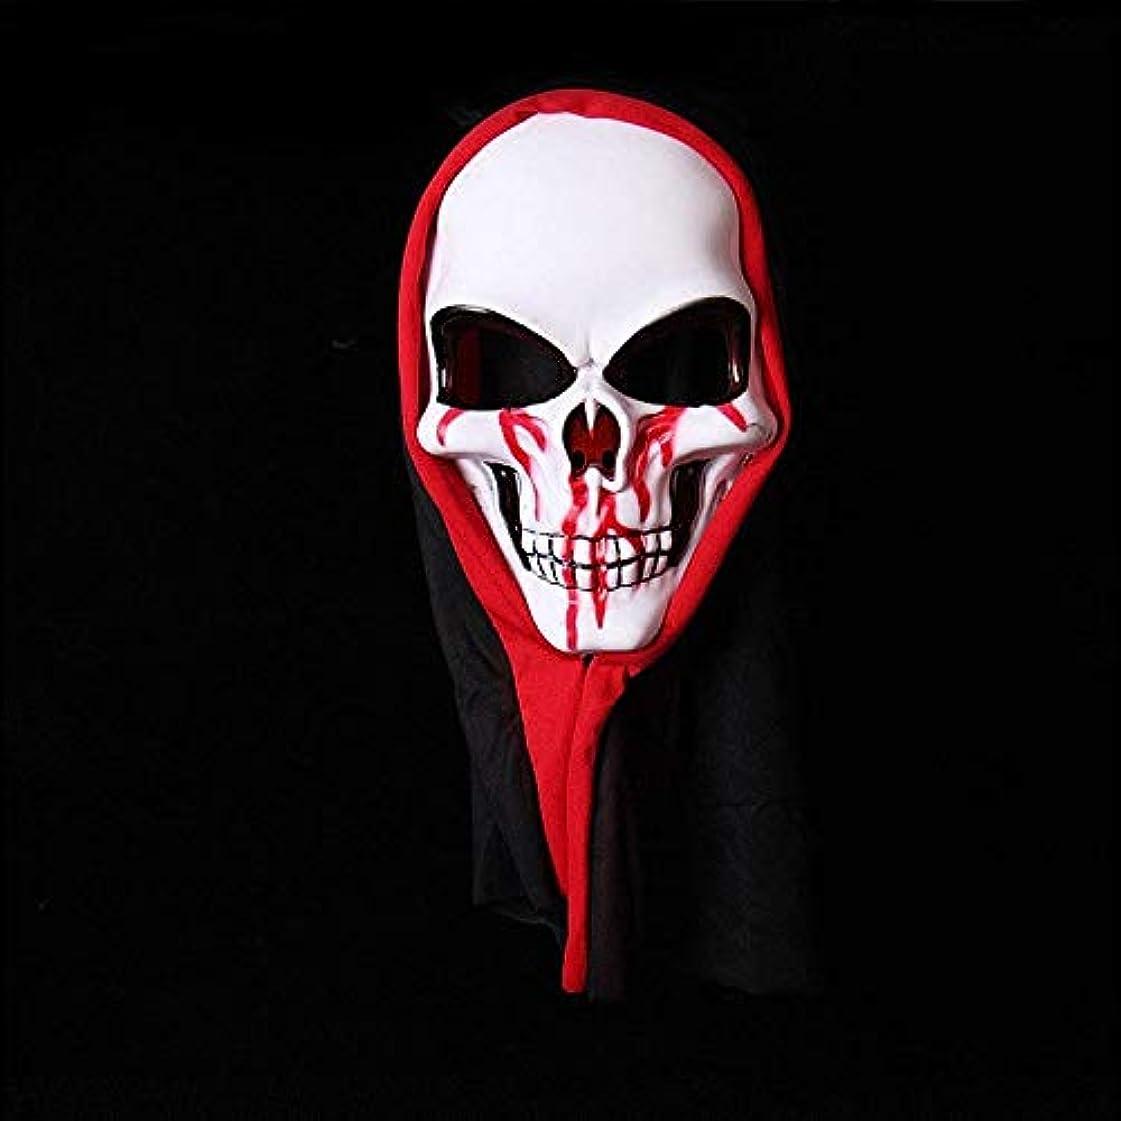 鉱石強化ポットCozyswan ハロウィンマスク 血まみれ スケルトン ヘッドスカーフ付き PVC製 ハロウィン飾り 怖い 雰囲気 ホラー パーティー 学園祭 文化祭 被り物 仮装 おしゃれ